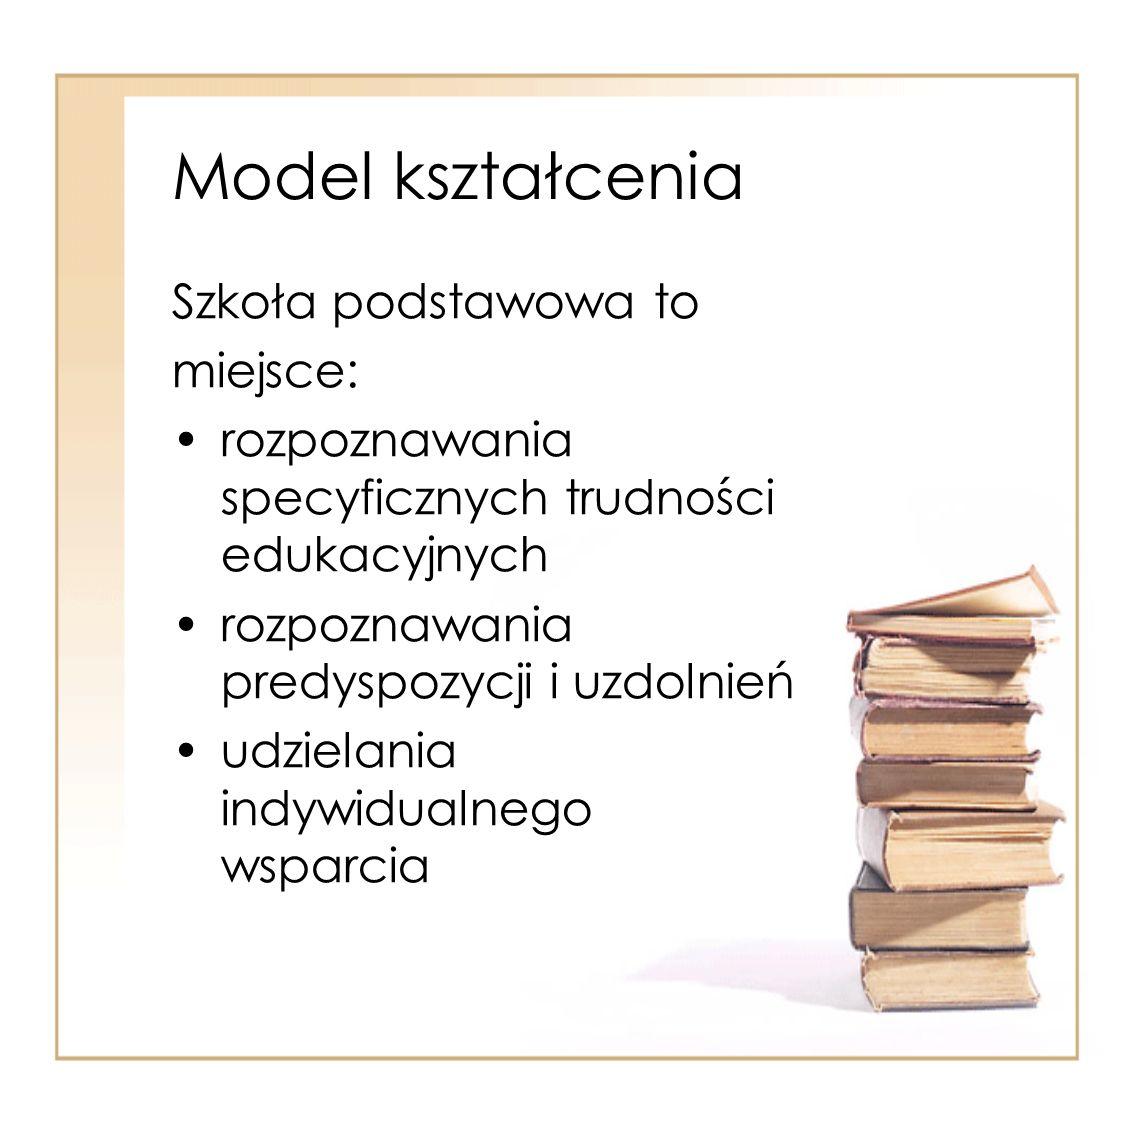 Model kształcenia Szkoła gimnazjalna i ponadgimnzajalna przygotowanie do wyboru ścieżki edukacyjnej i zawodowej zapewnienie dostępu do informacji, doradztwa i poradnictwa zawodowego